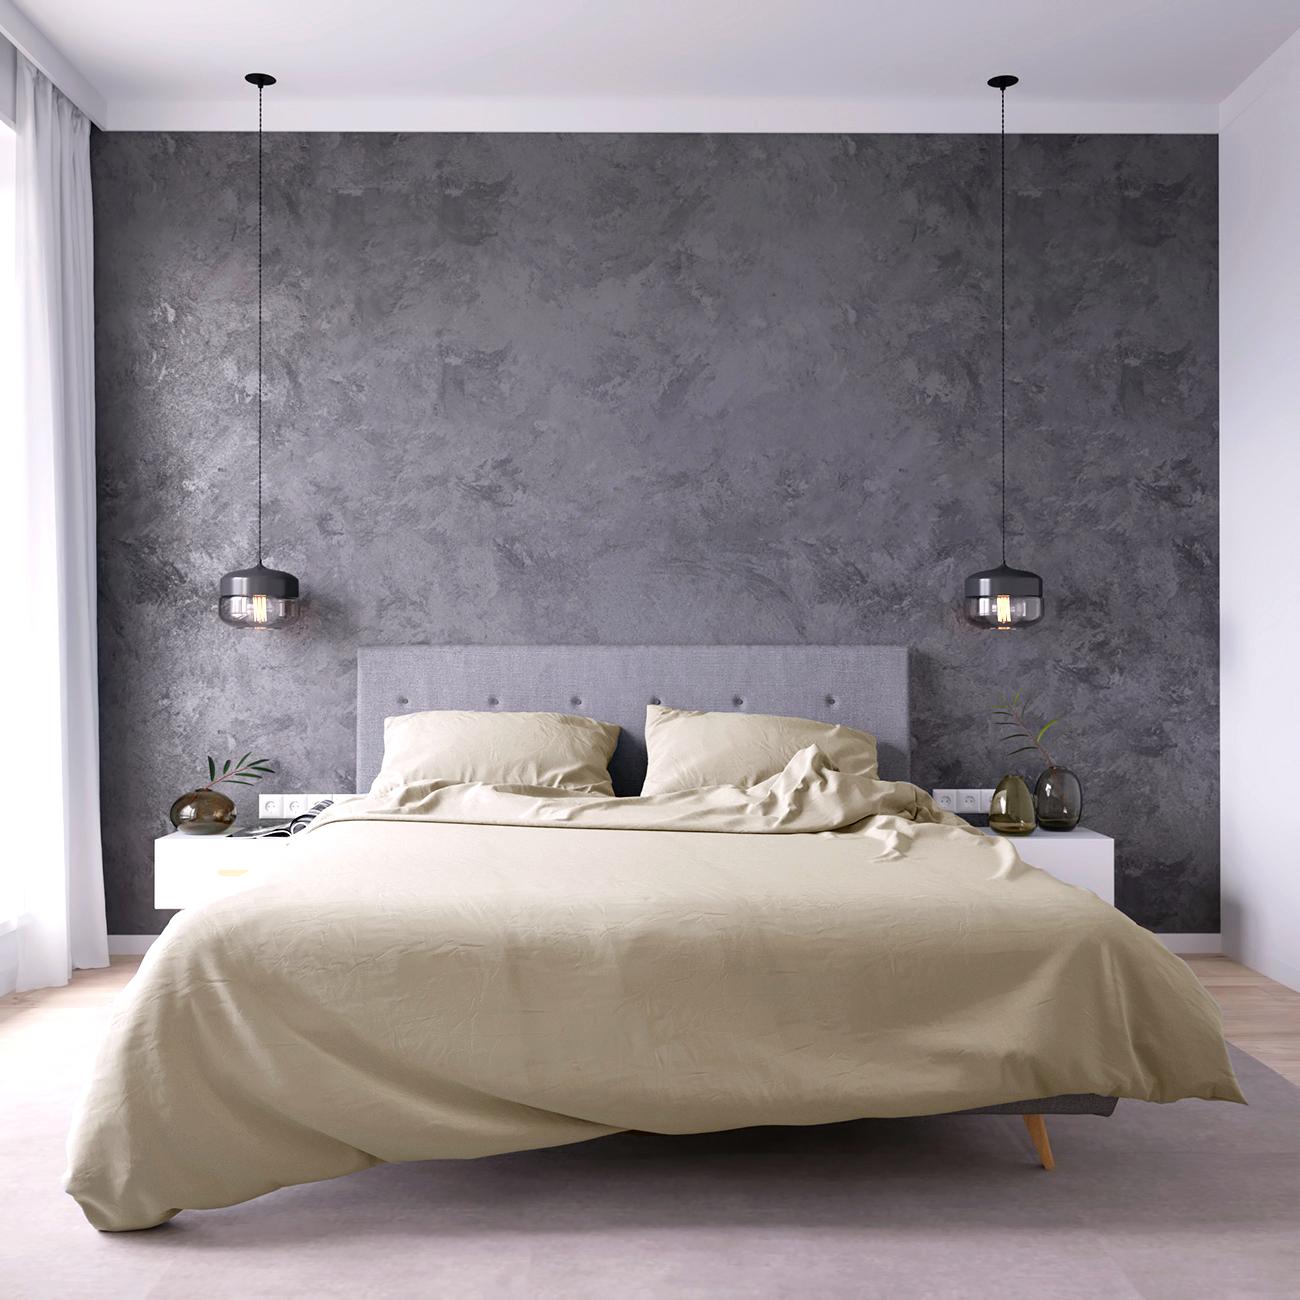 Комплект постельного белья стандарт с простыней на резинке 160х200 кремовый